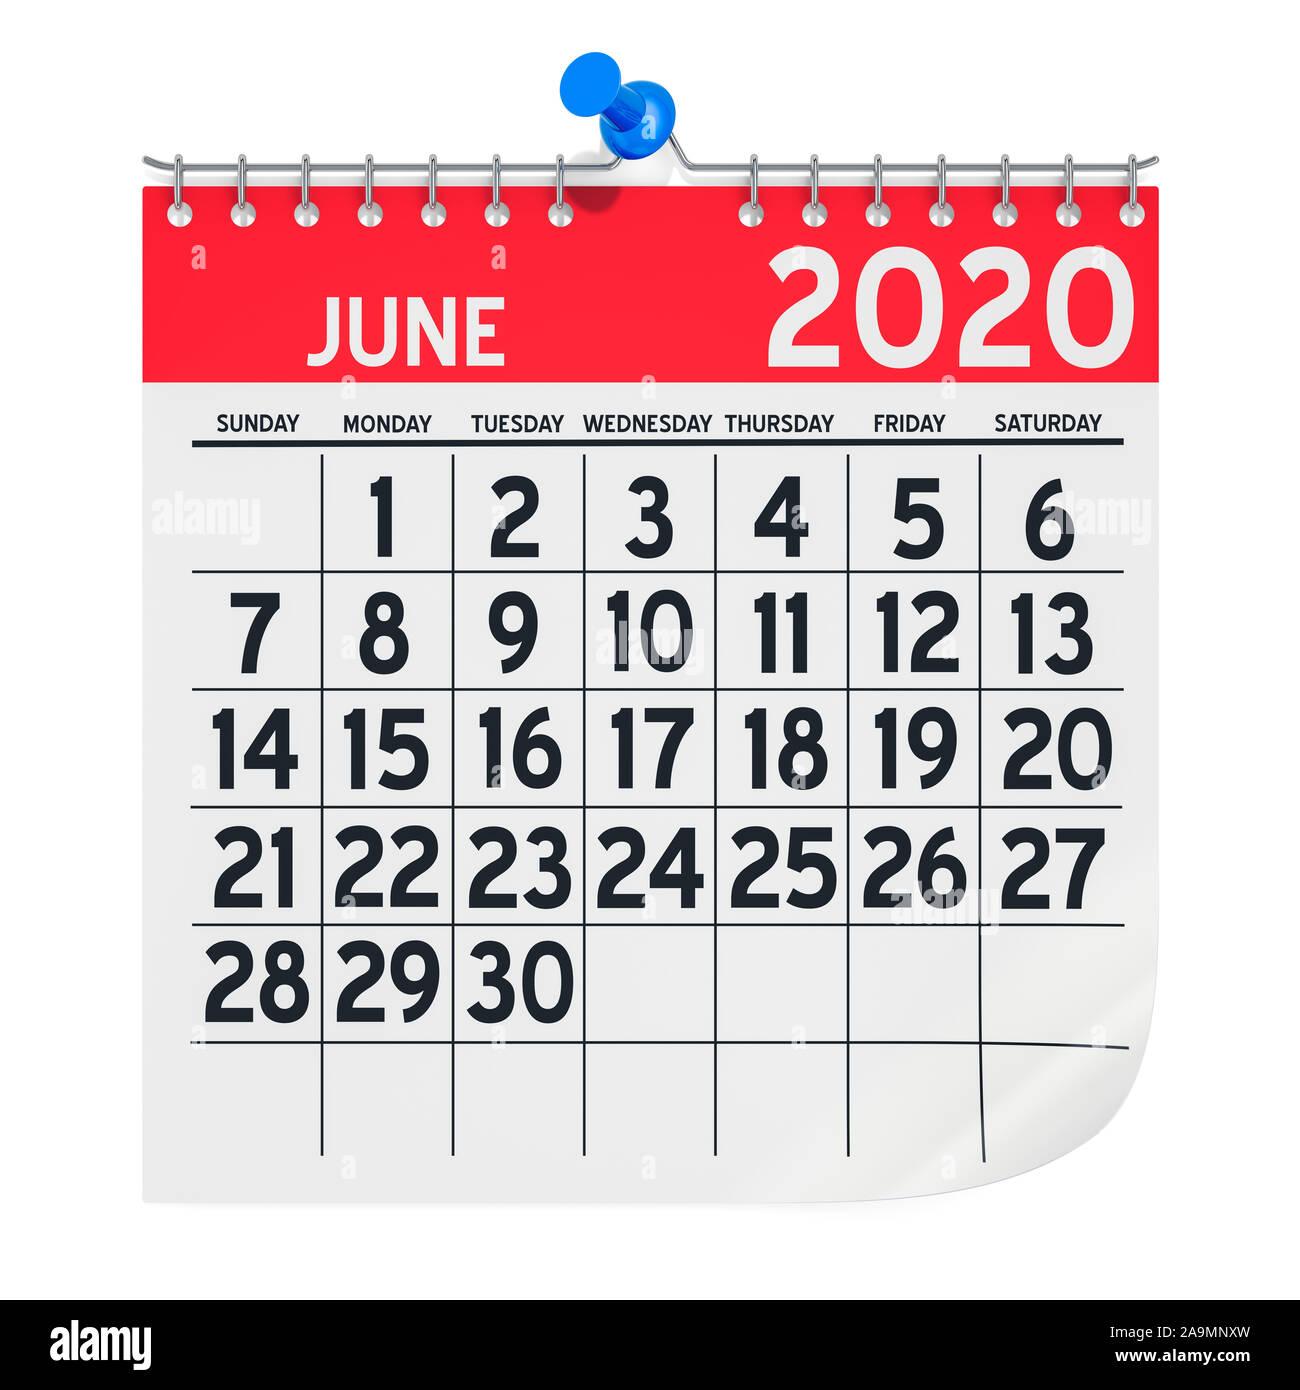 calender of june 2020